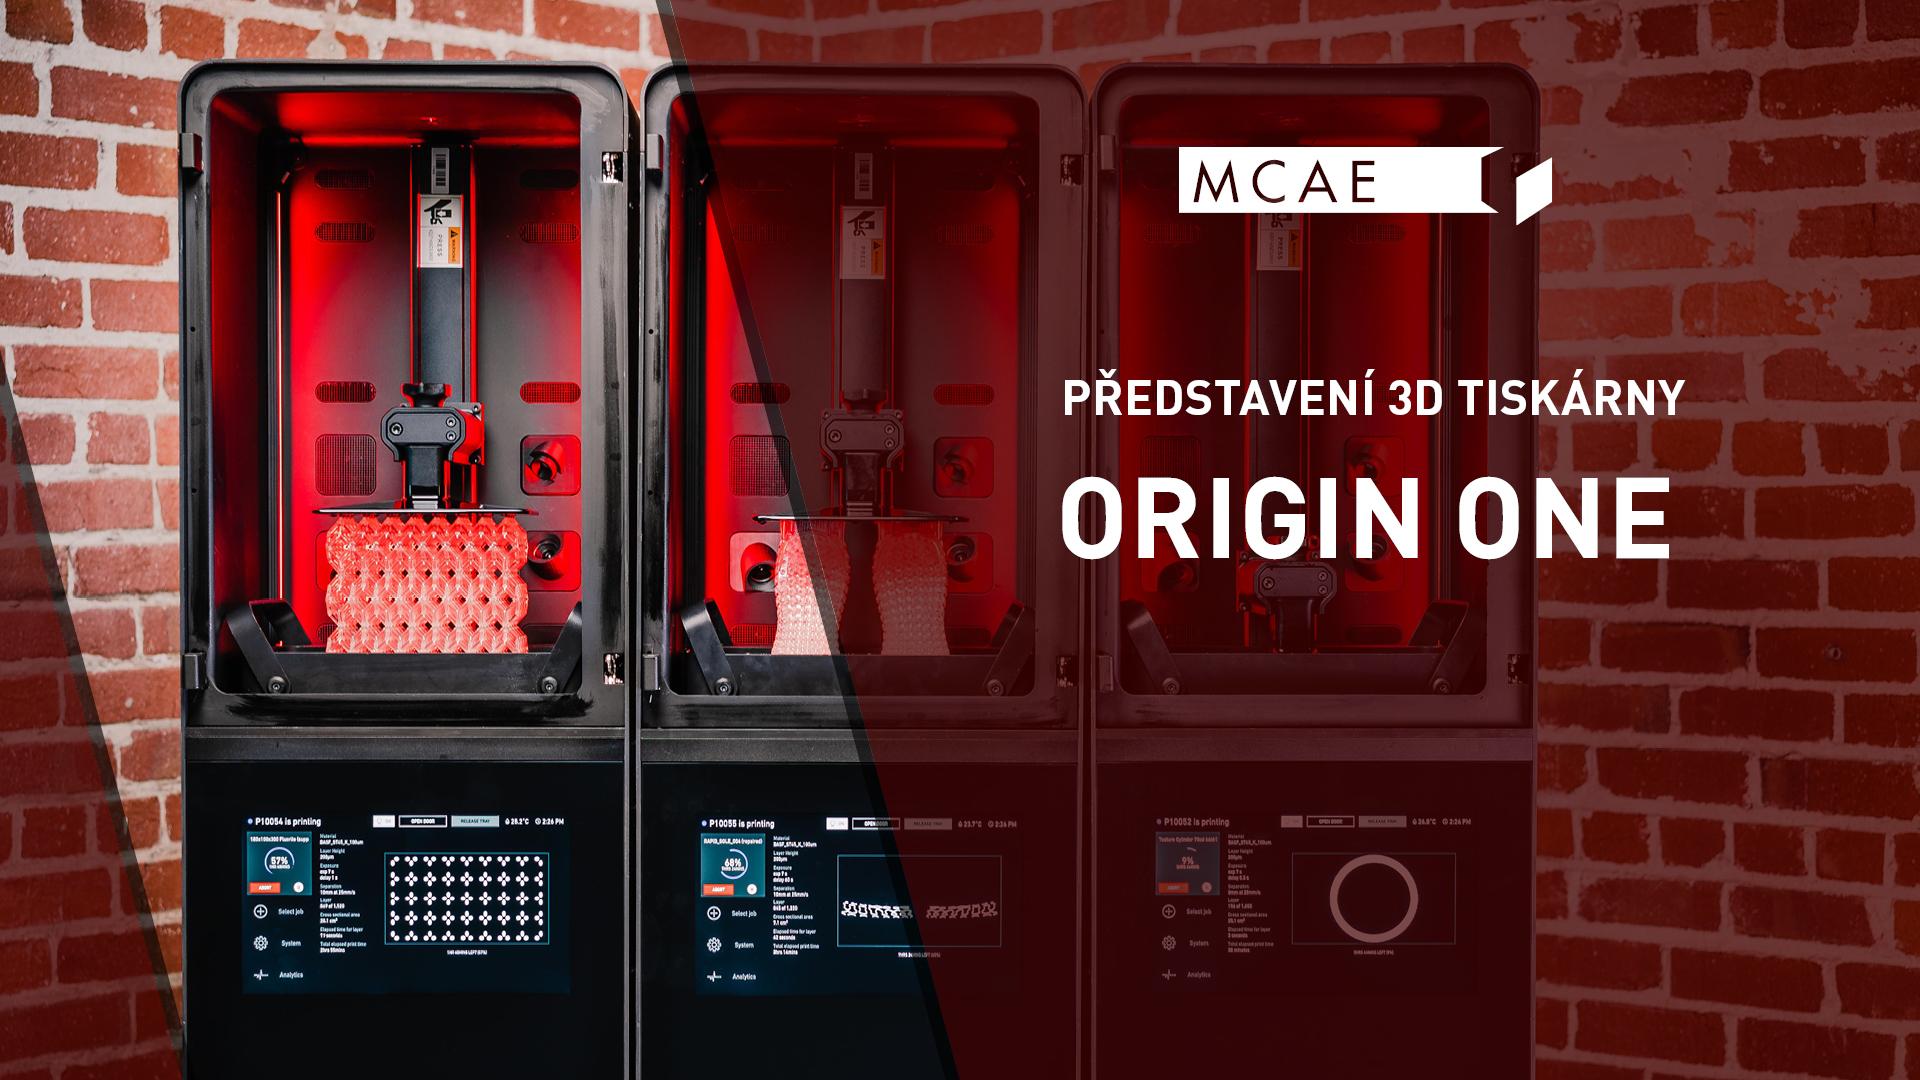 představení 3D tiskárny origin one